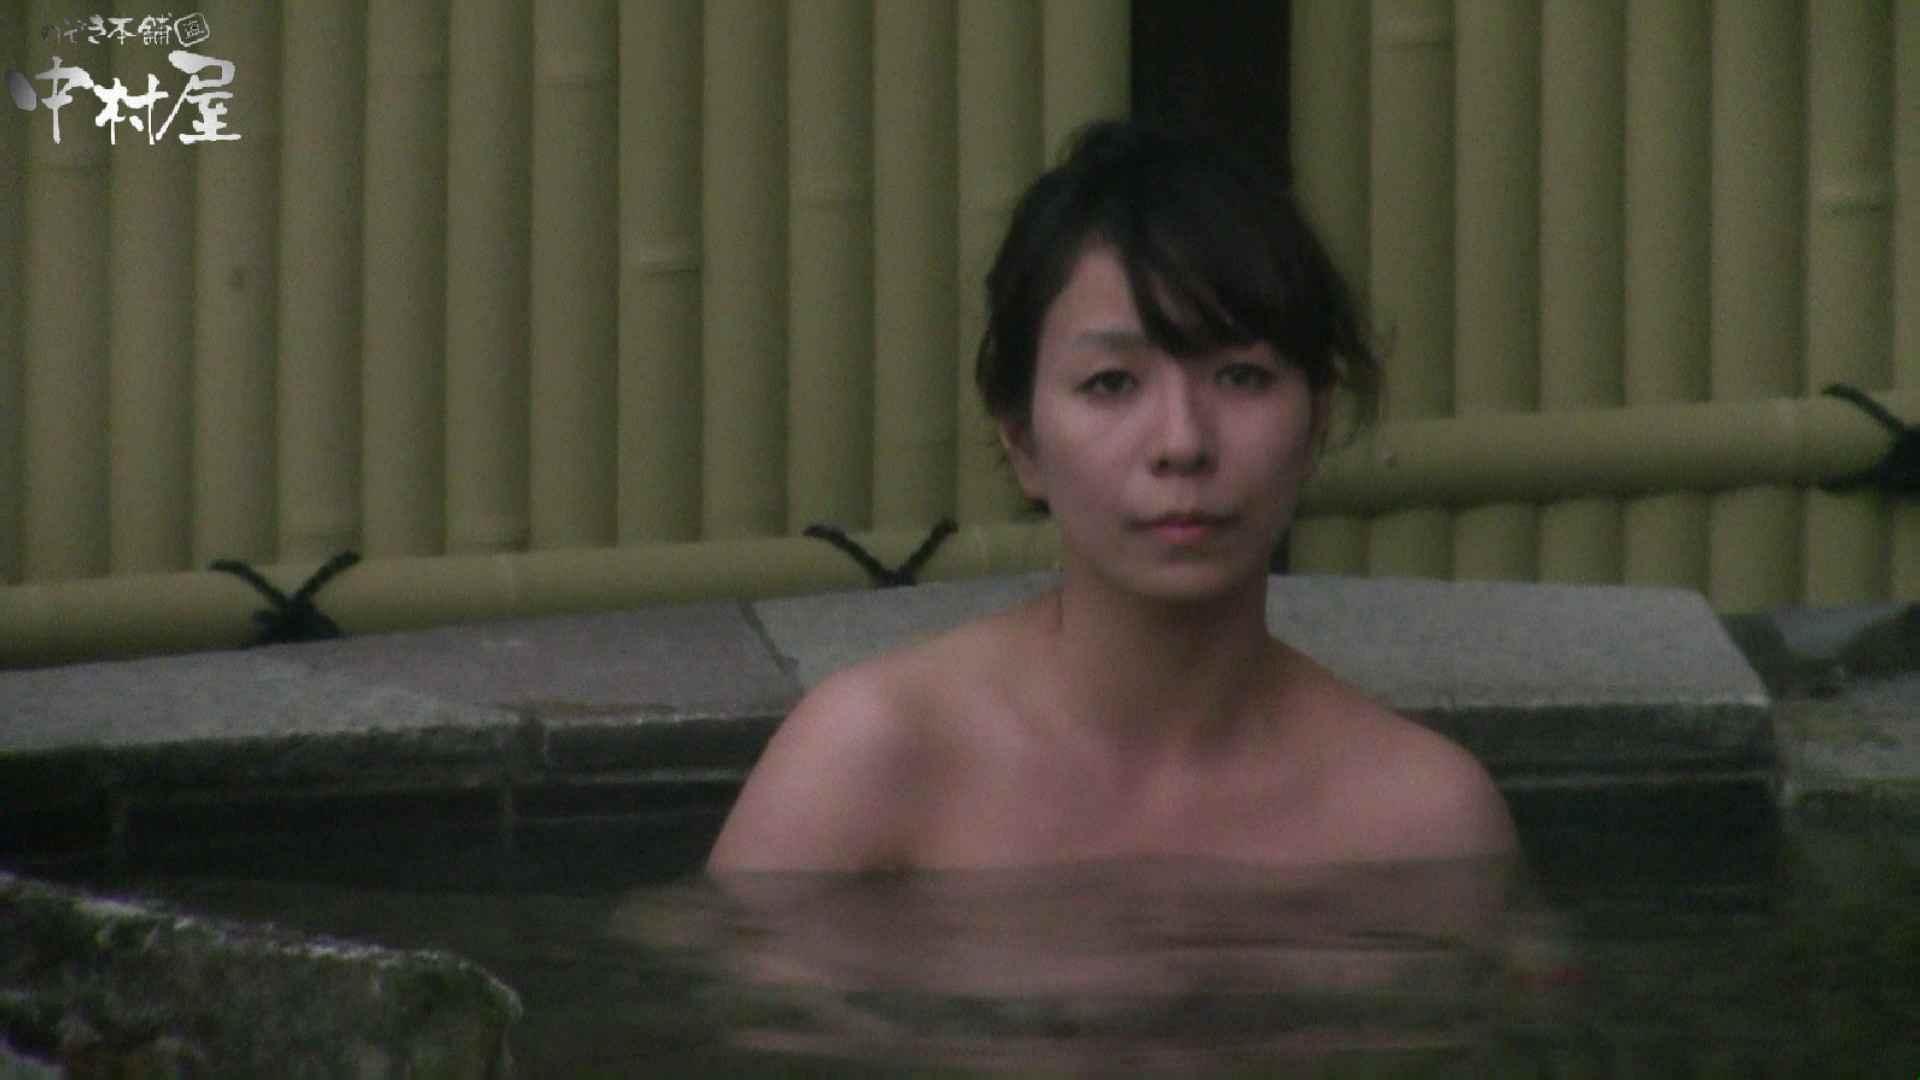 Aquaな露天風呂Vol.930 0   0  101pic 13